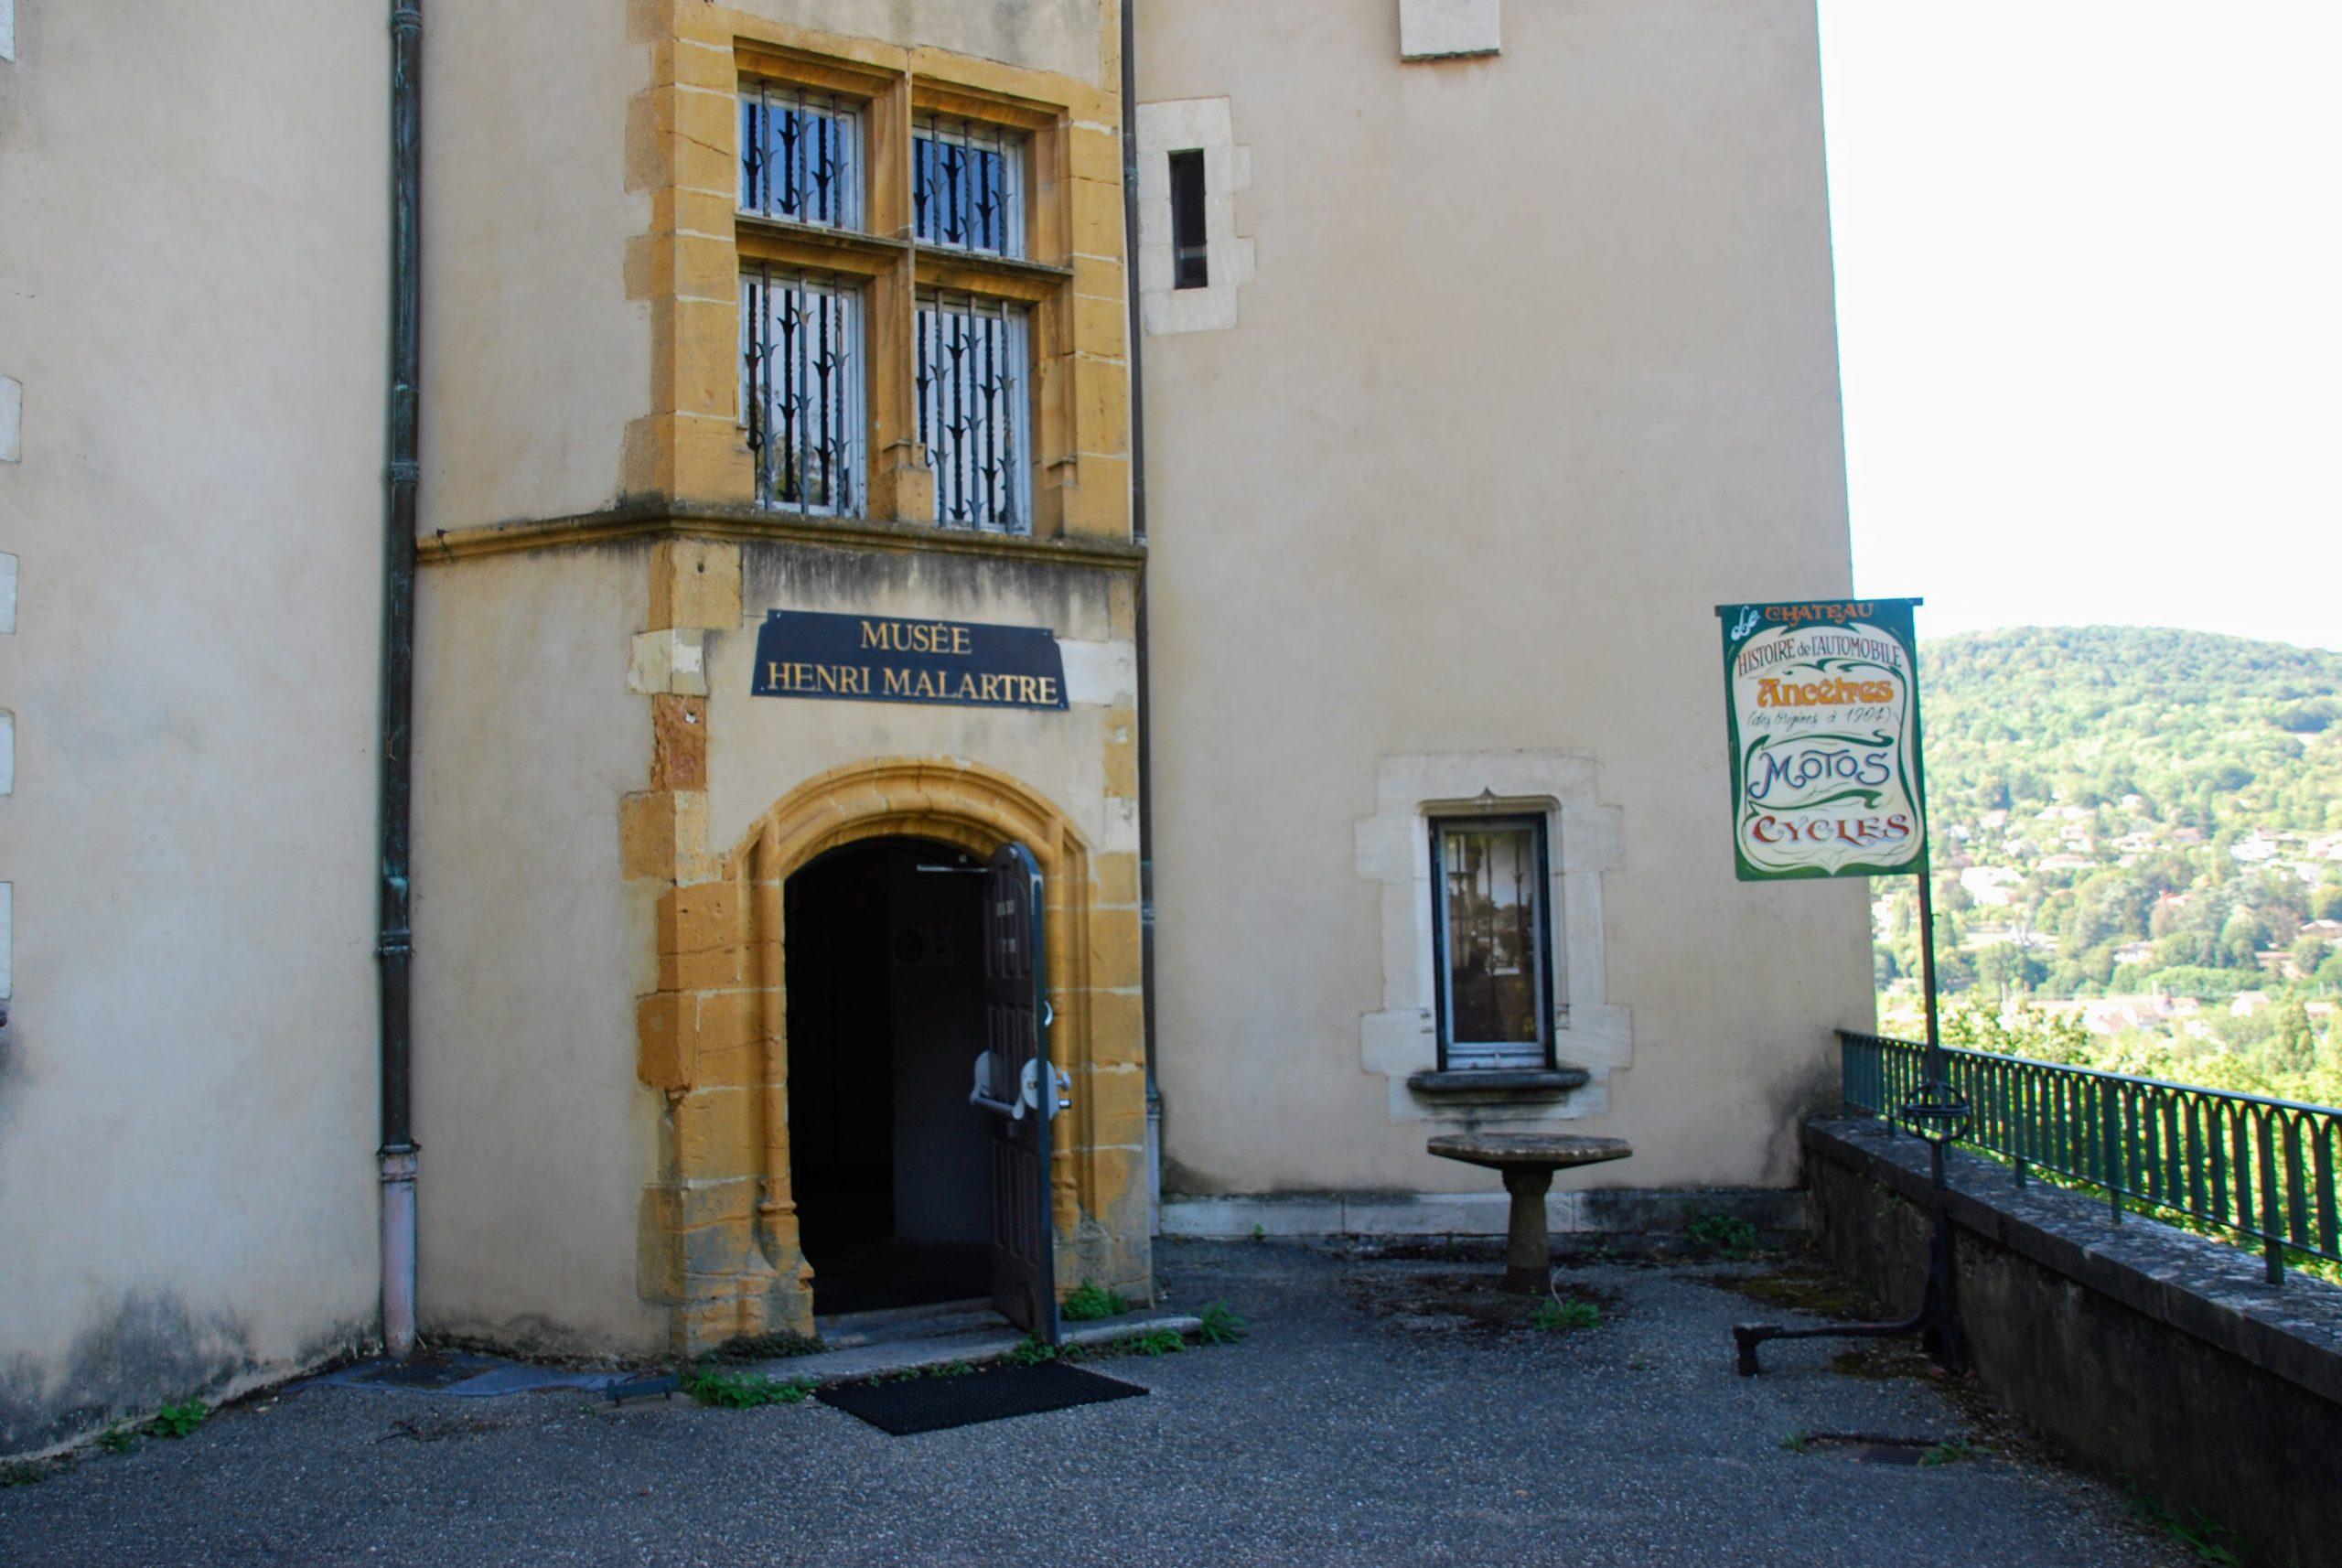 Le Musée  Henri Malartre  France